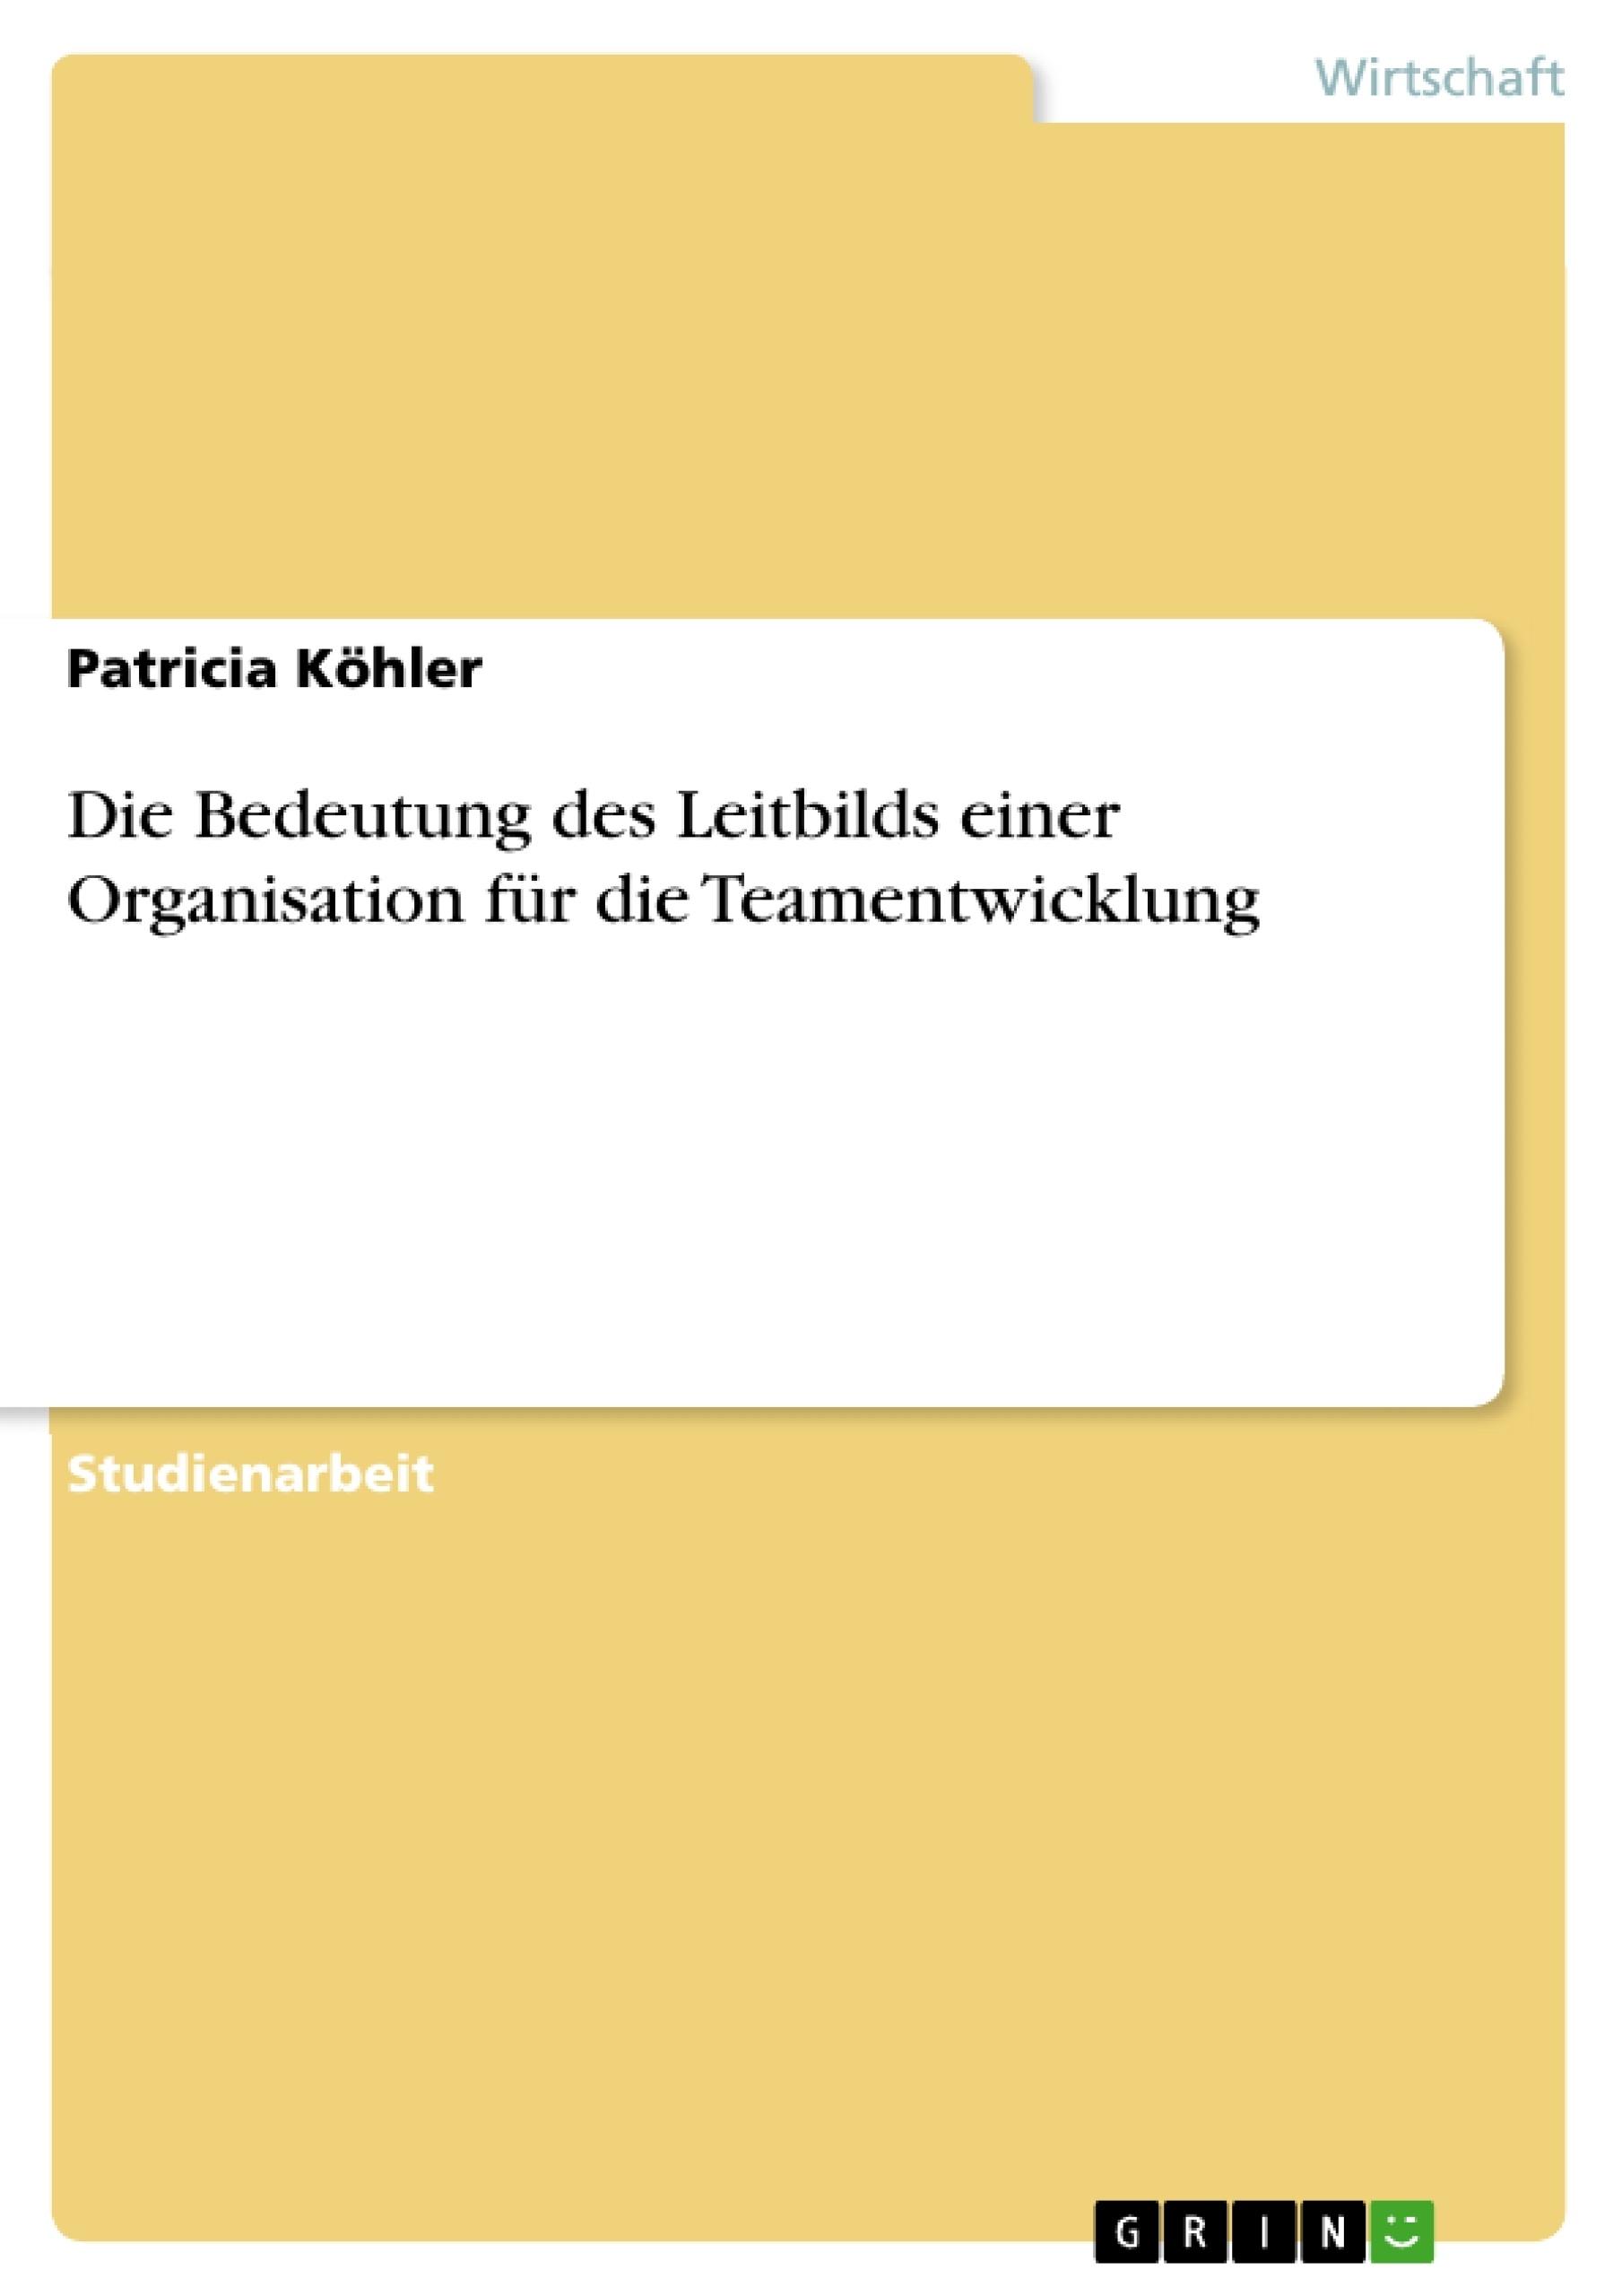 Titel: Die Bedeutung des Leitbilds einer Organisation für die Teamentwicklung